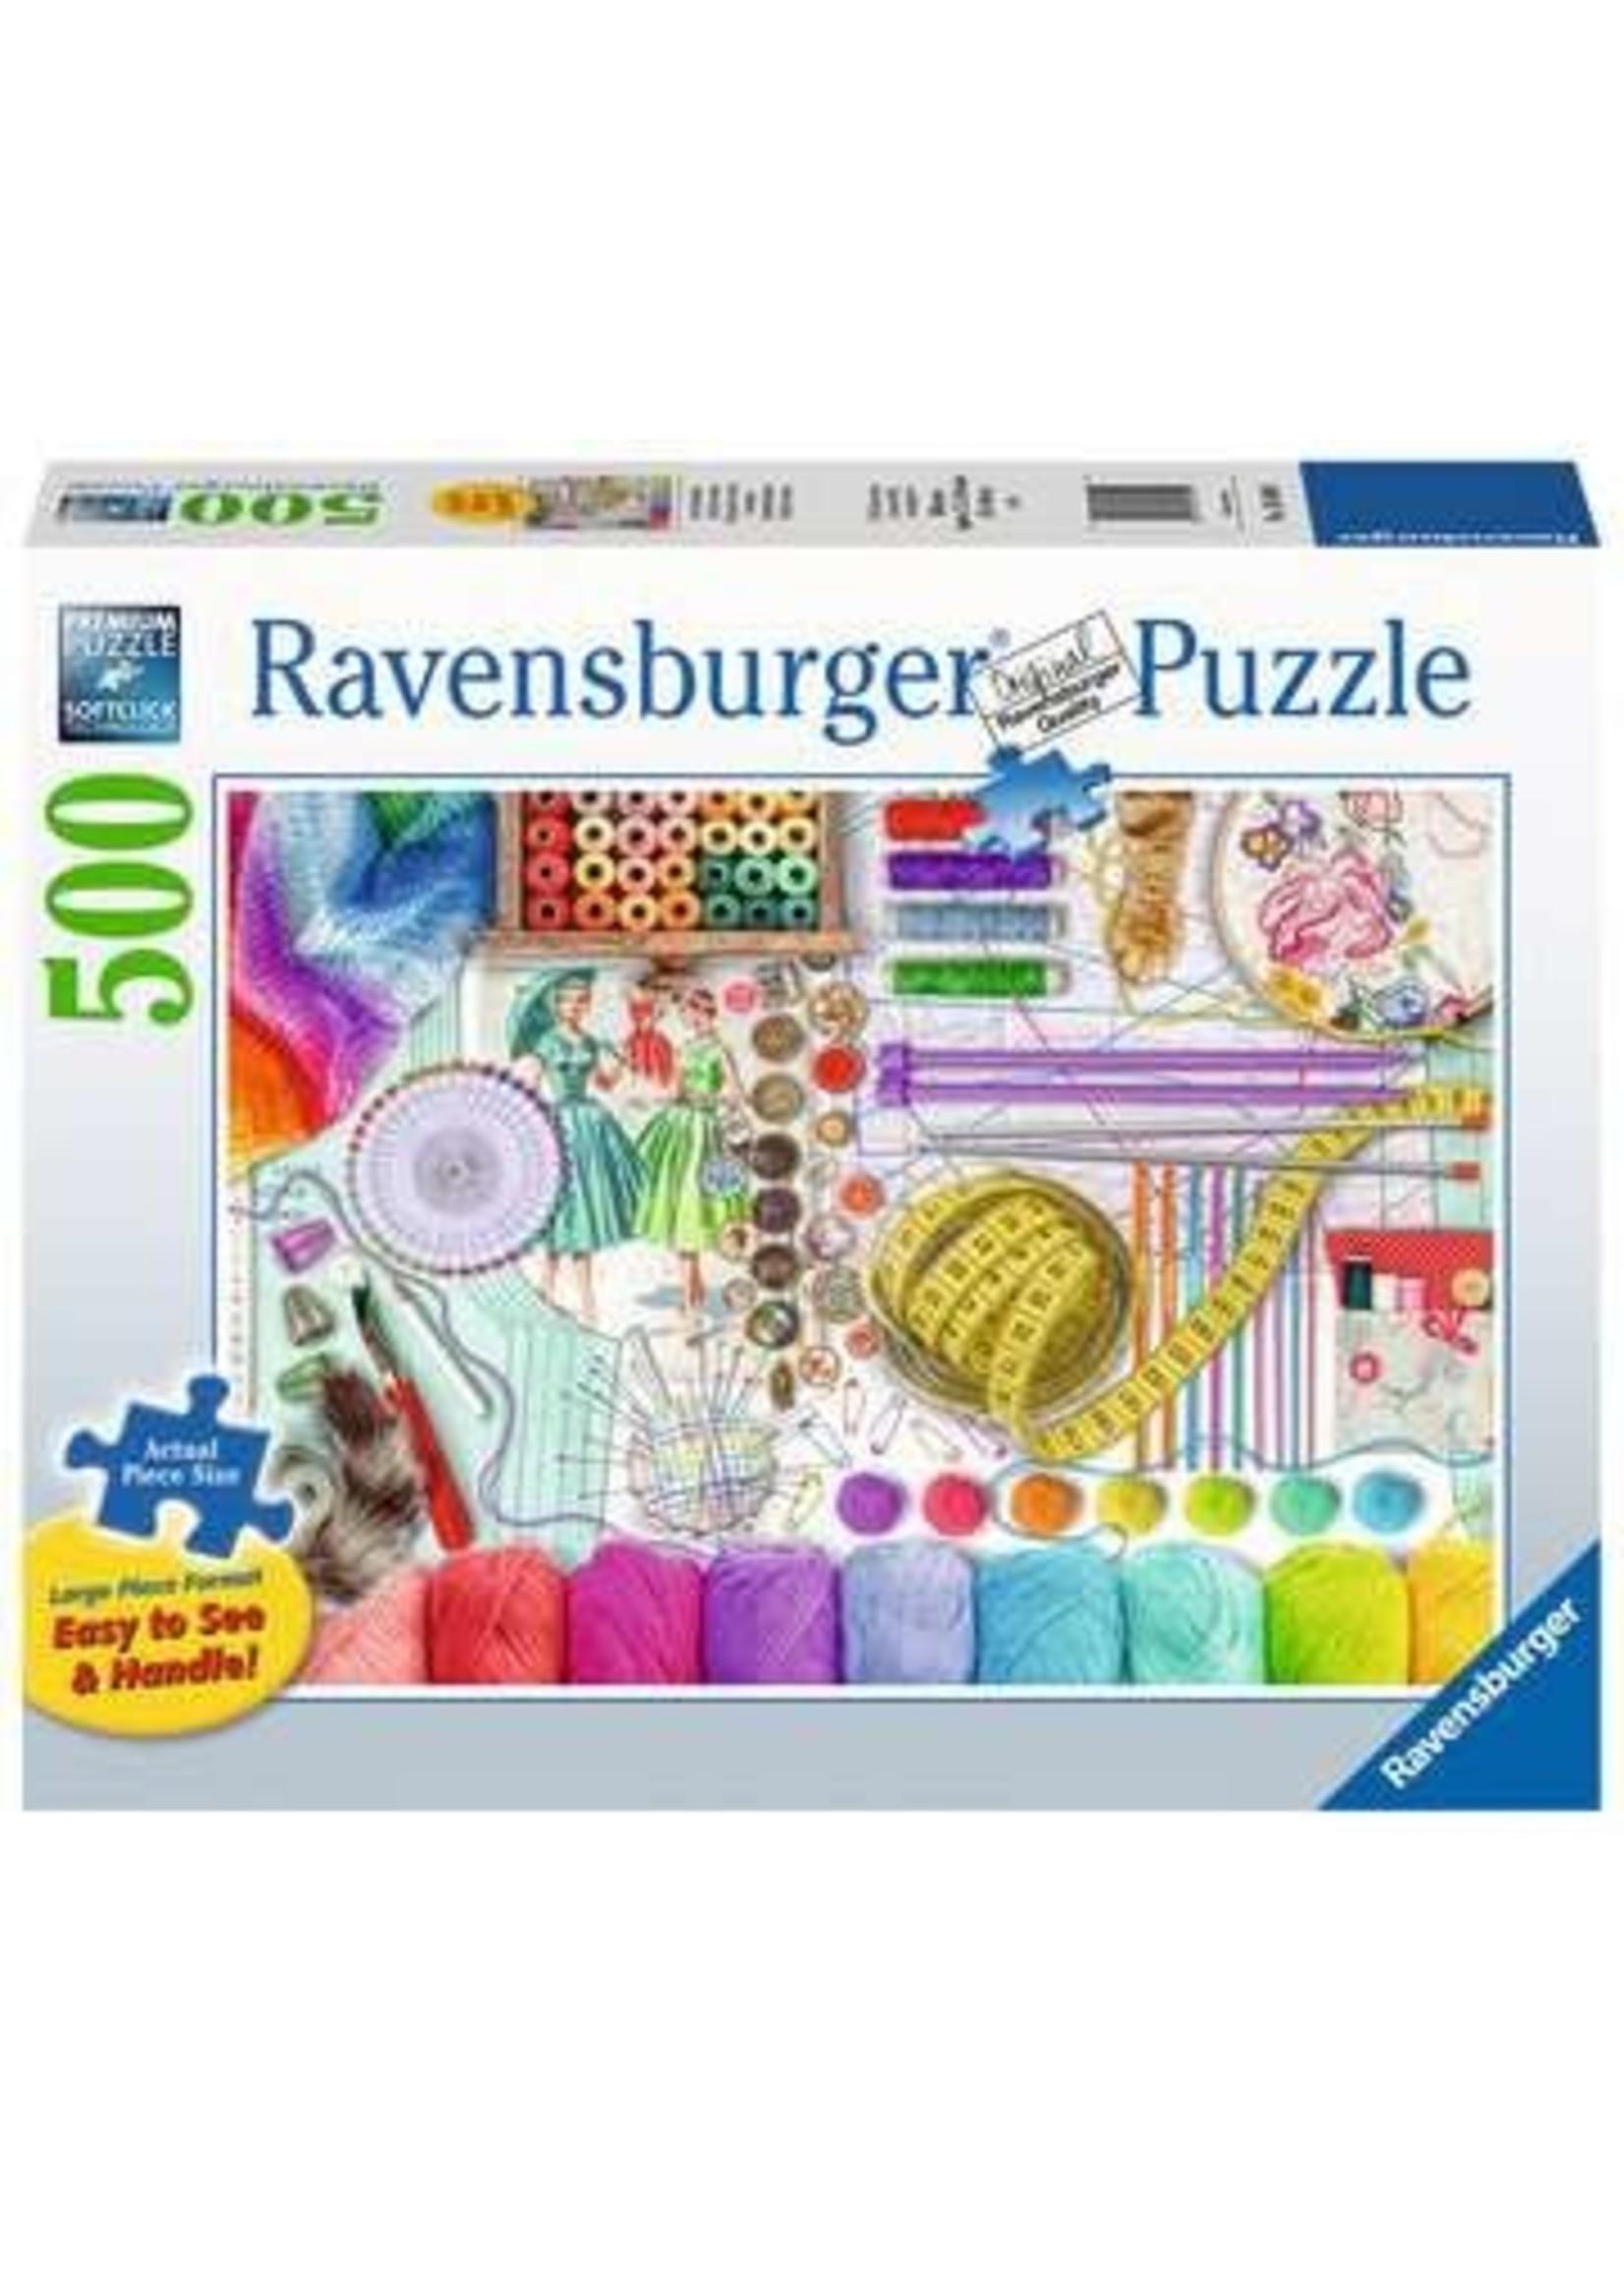 Ravensburger 500pc LF puzzle Needlework Station